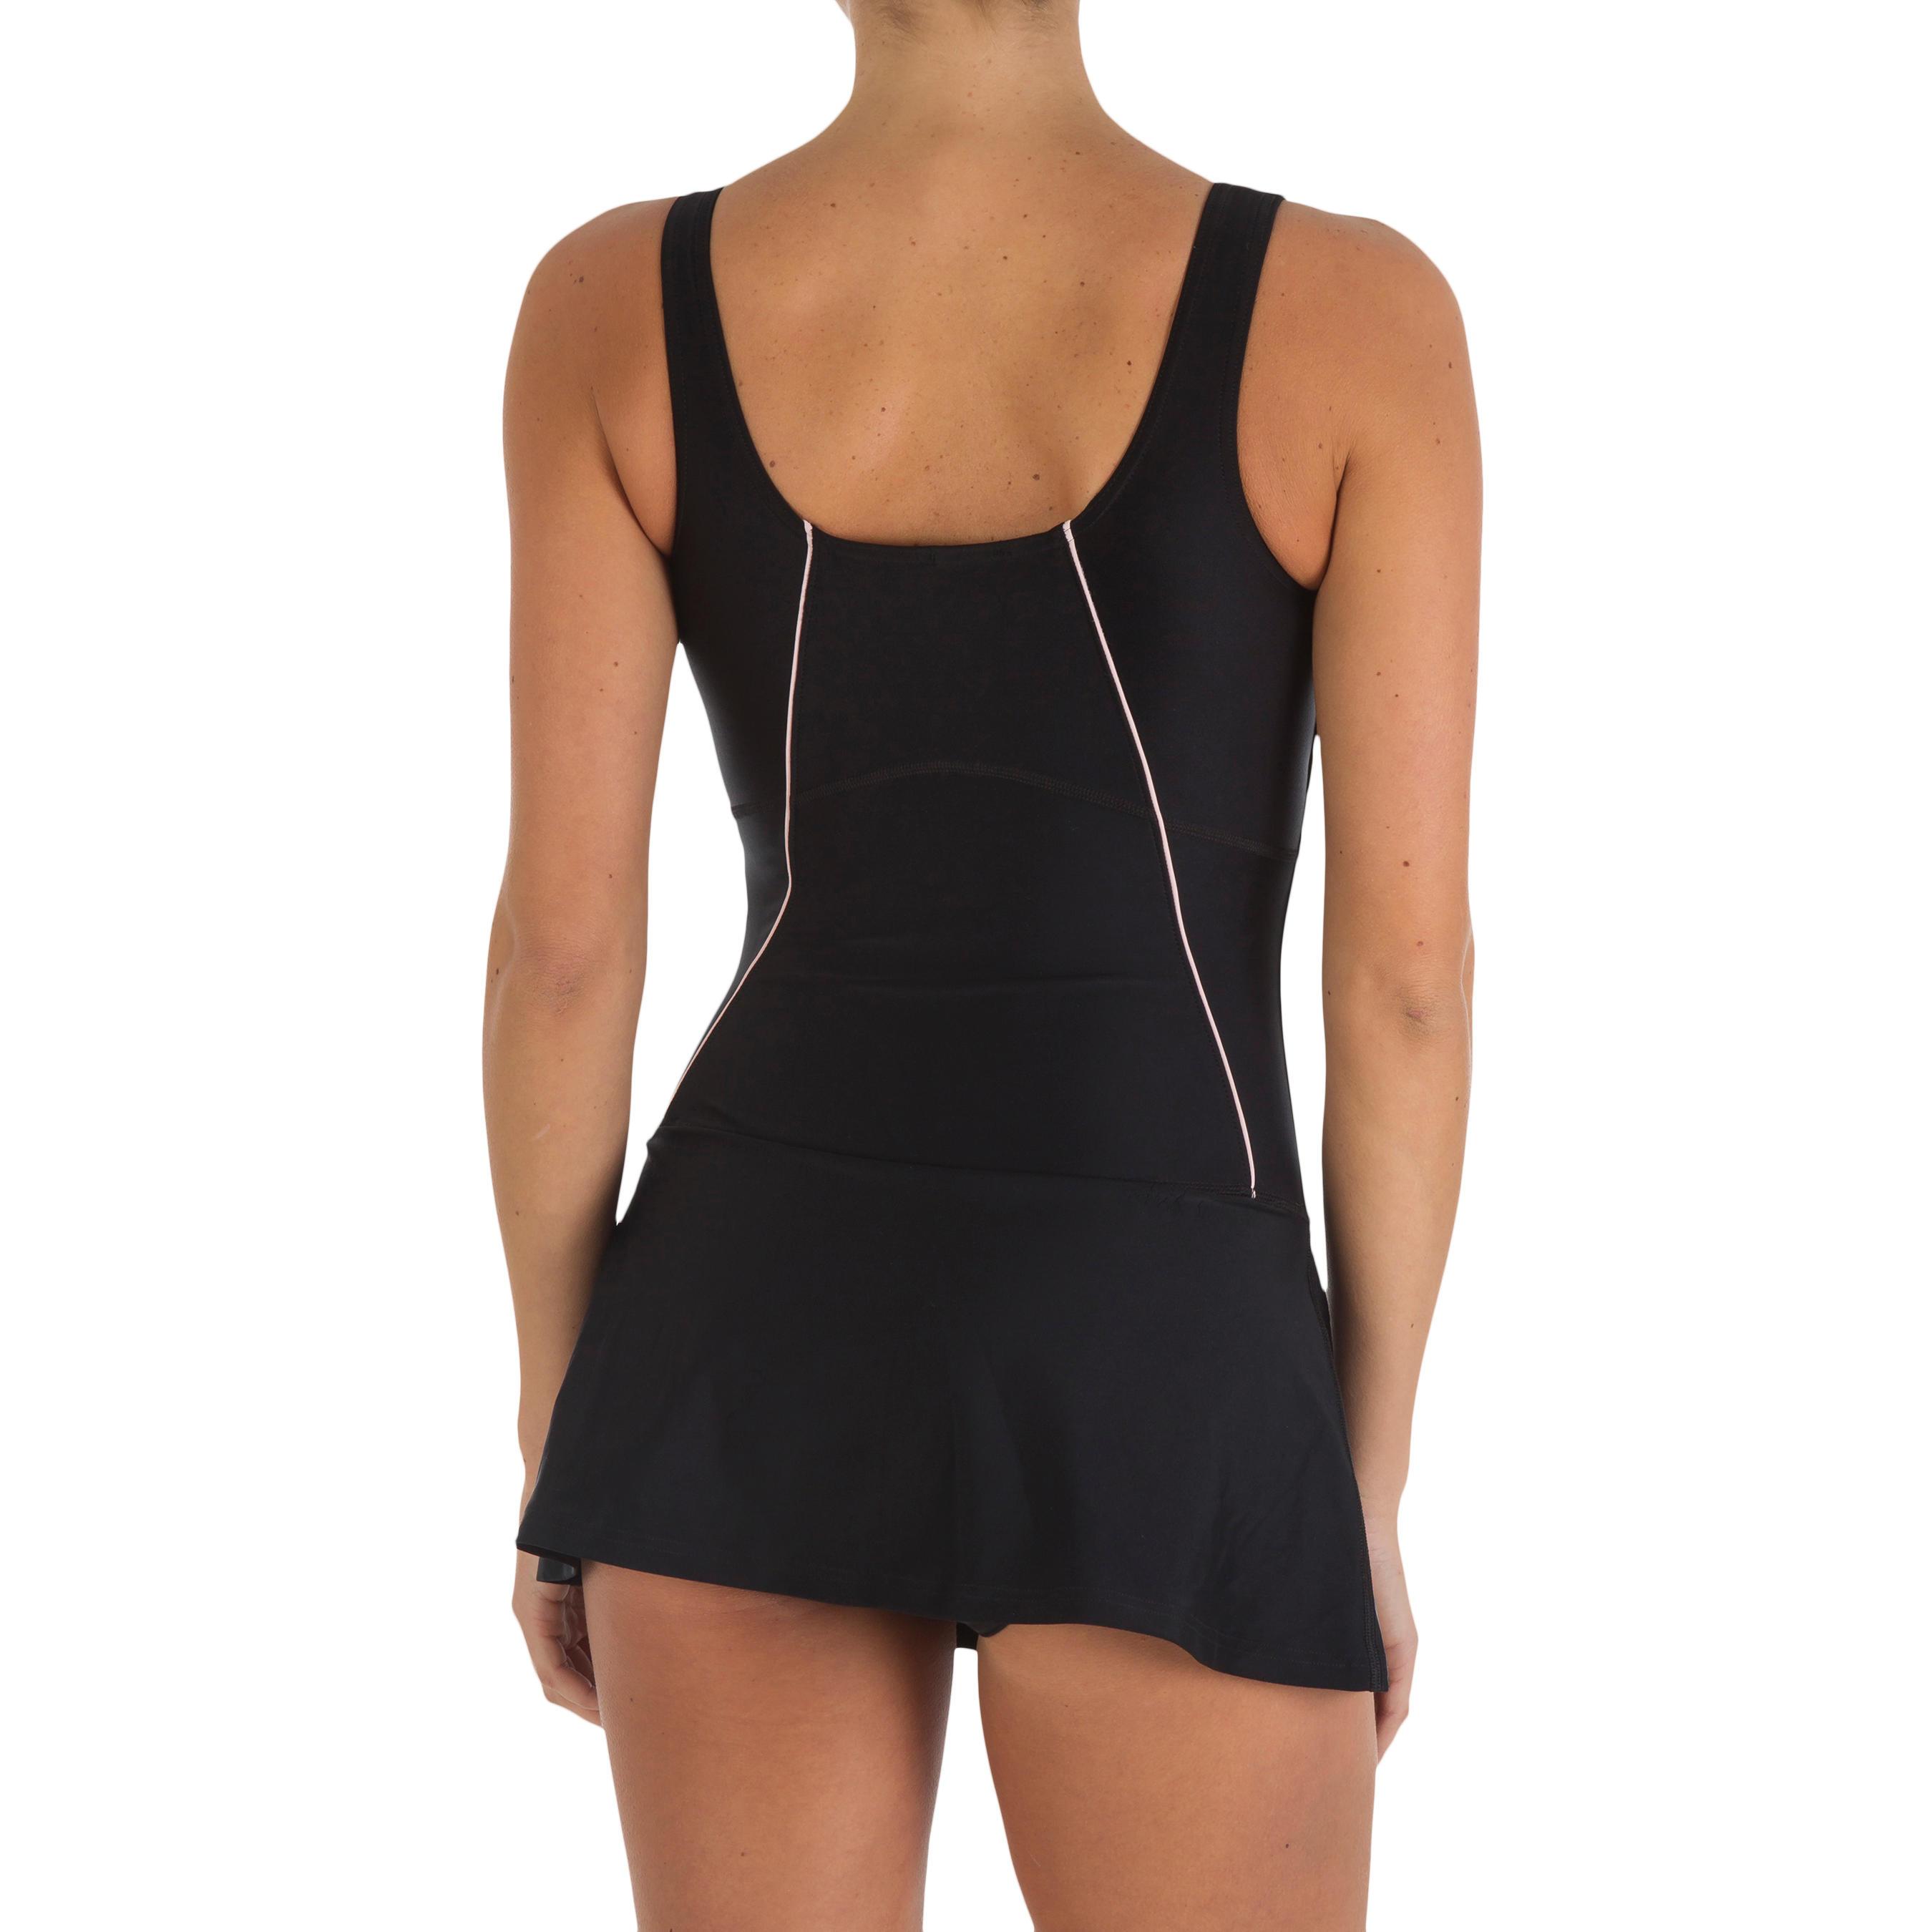 Women Swimming Costume Sleeveless with skirt - Black